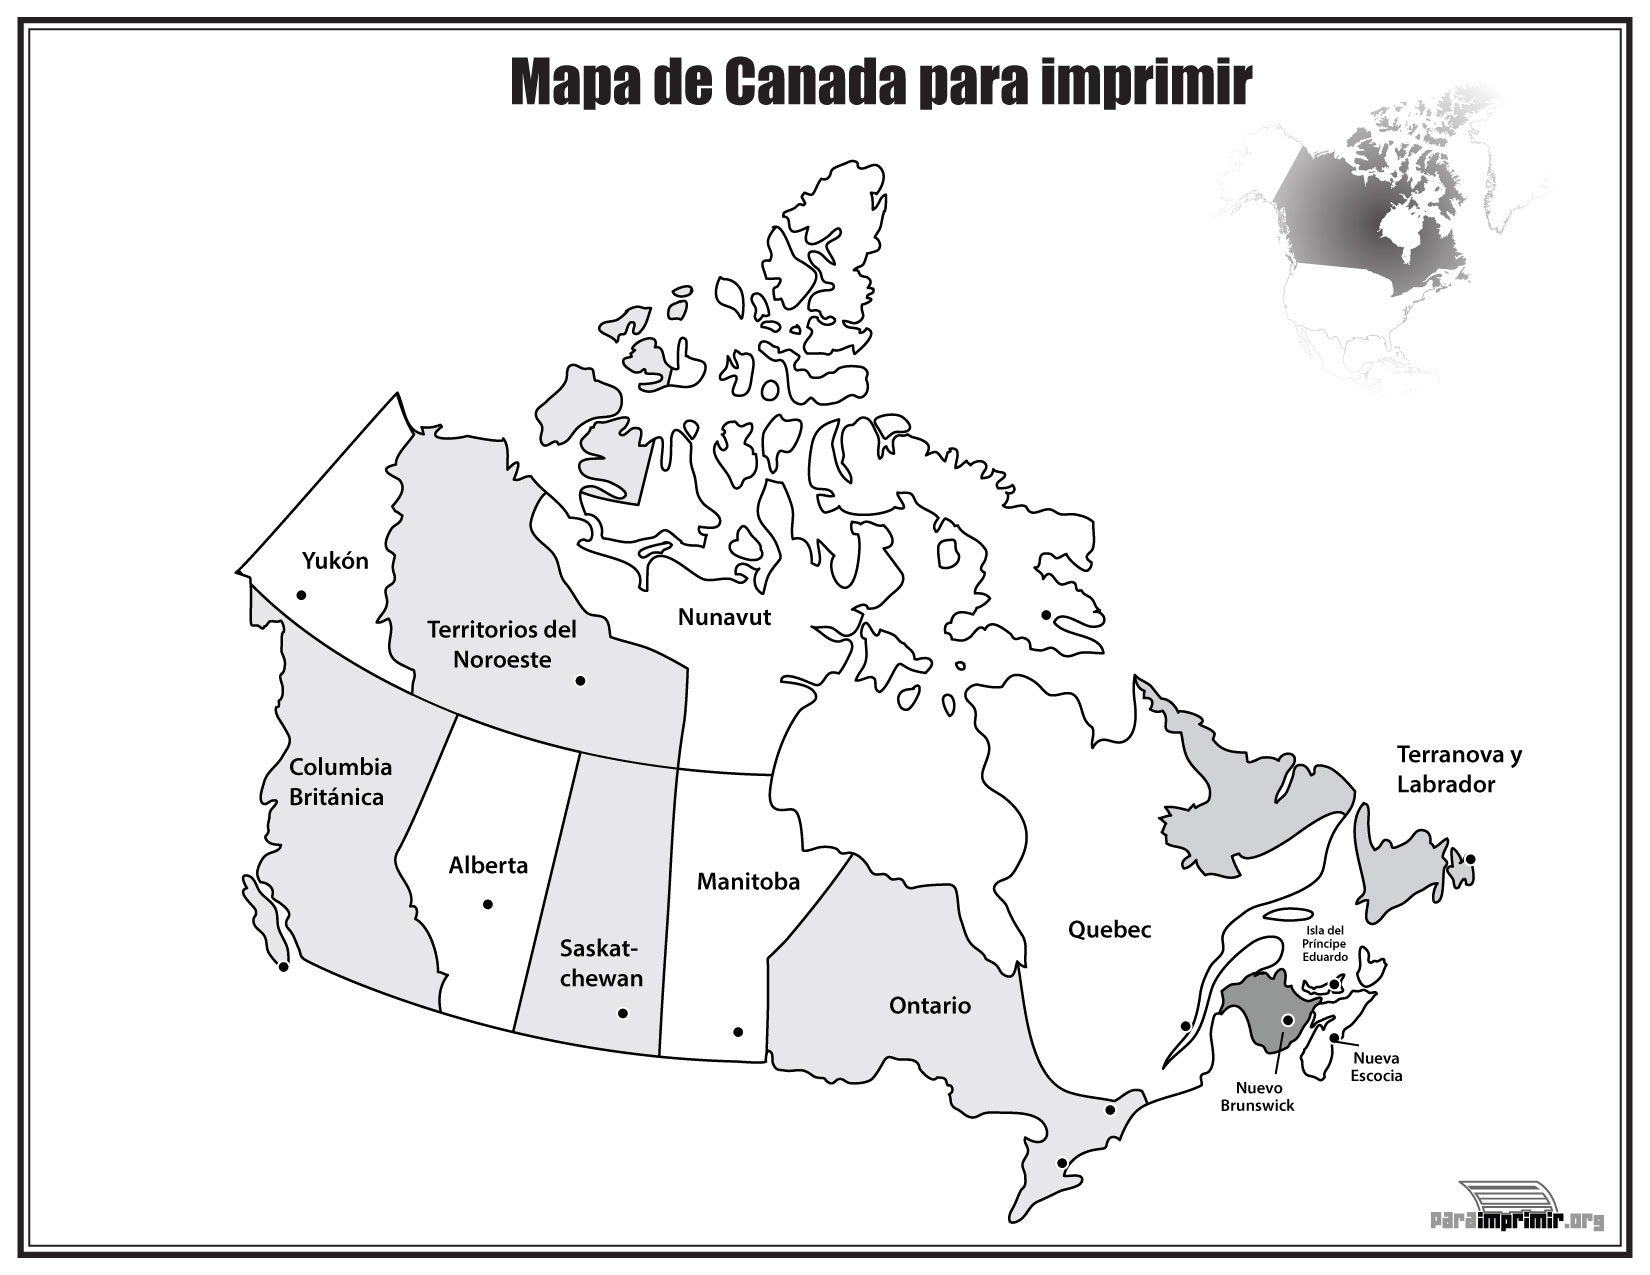 Mapa de Canadá con nombres para imprimir